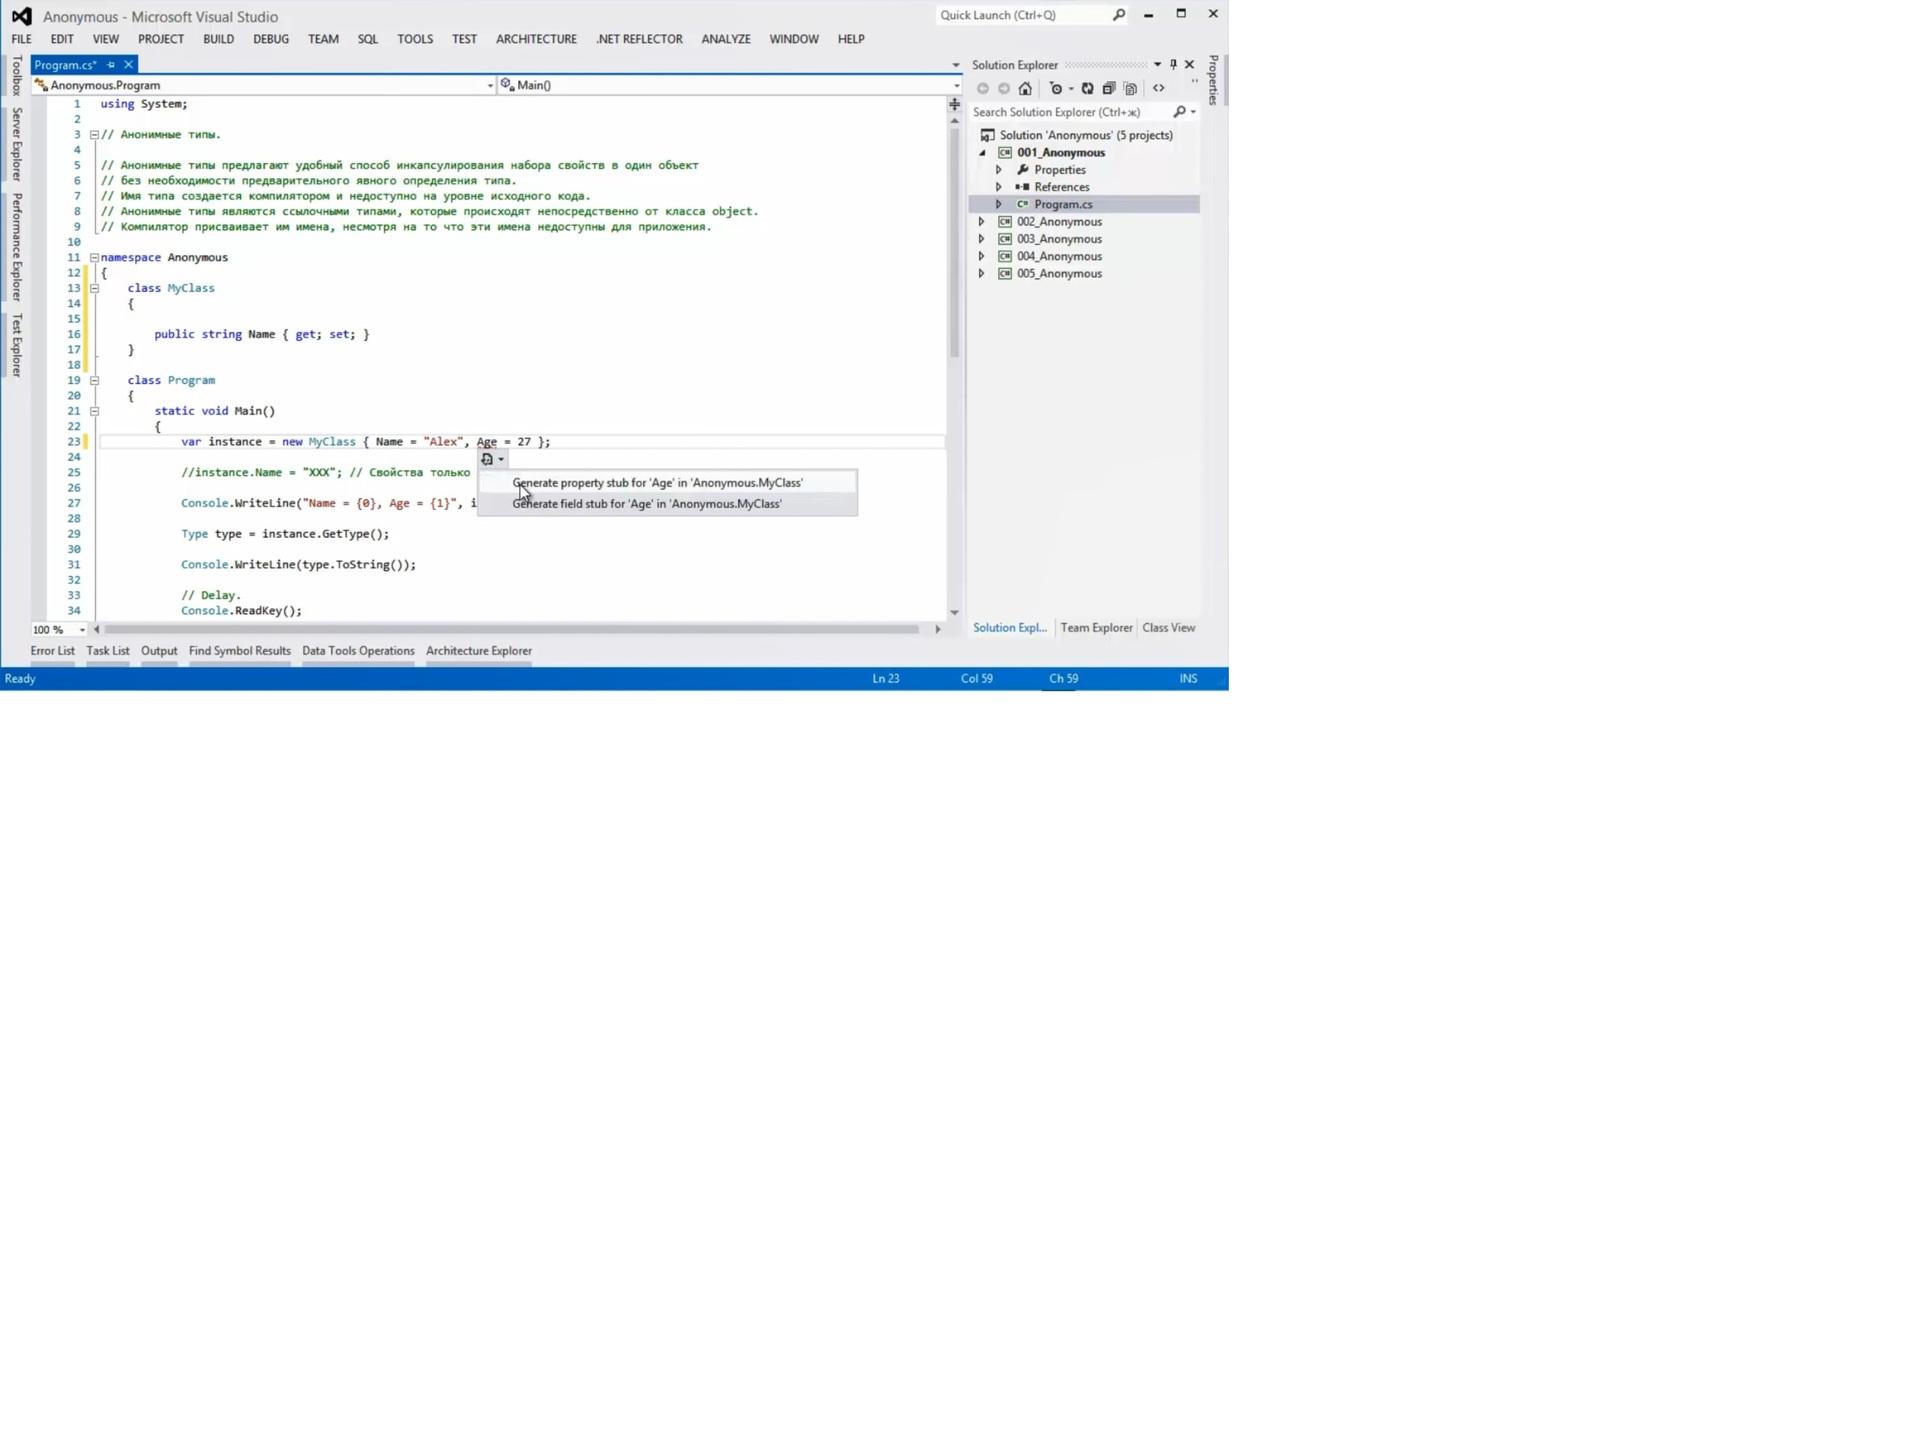 ef71d538433c426884fce02c86587823.jpg